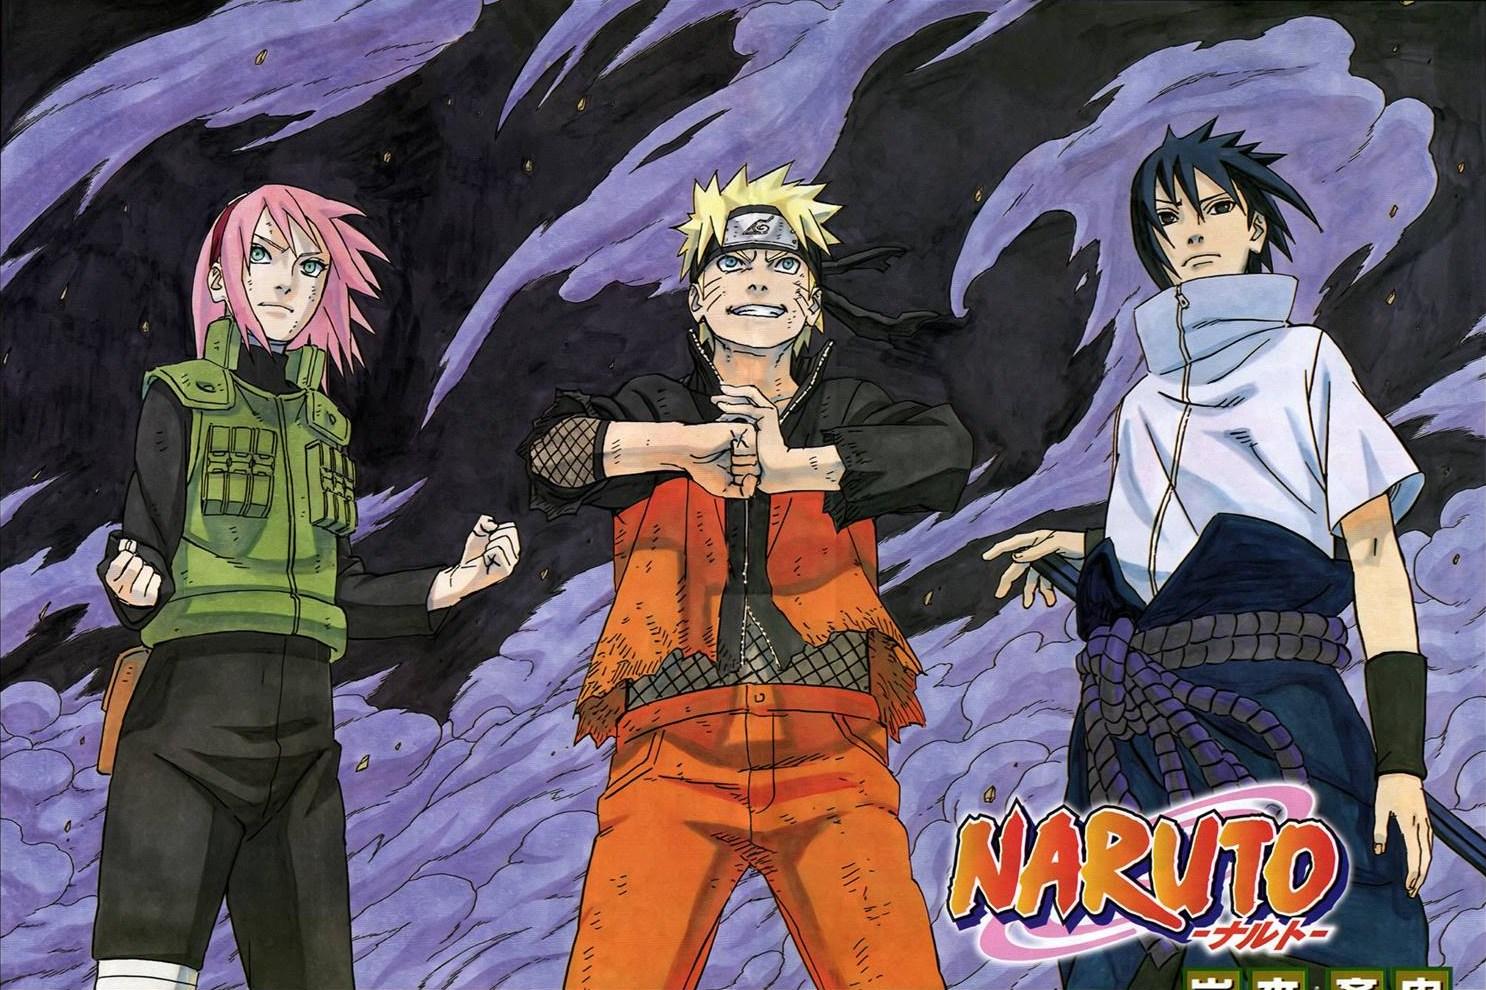 naruto_team_7_poster_by_weissdrum-d6716ek.jpg